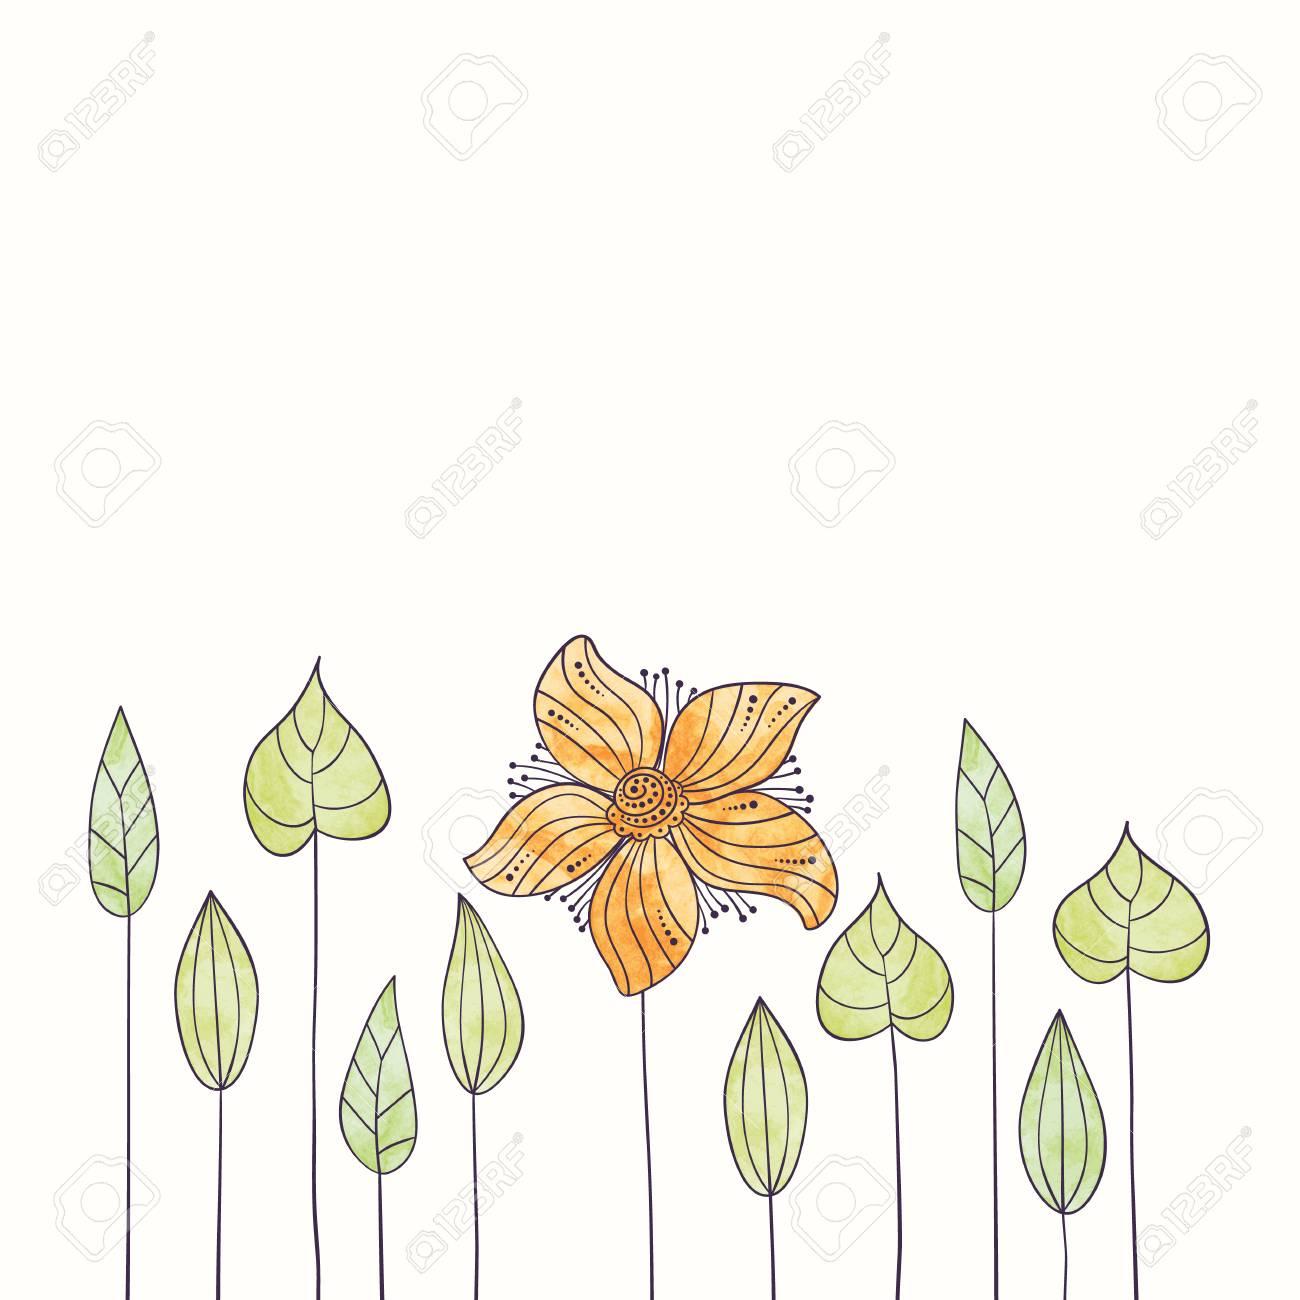 Aquarelle Fleur Frontiere Main Dessiner Romantique Illustration